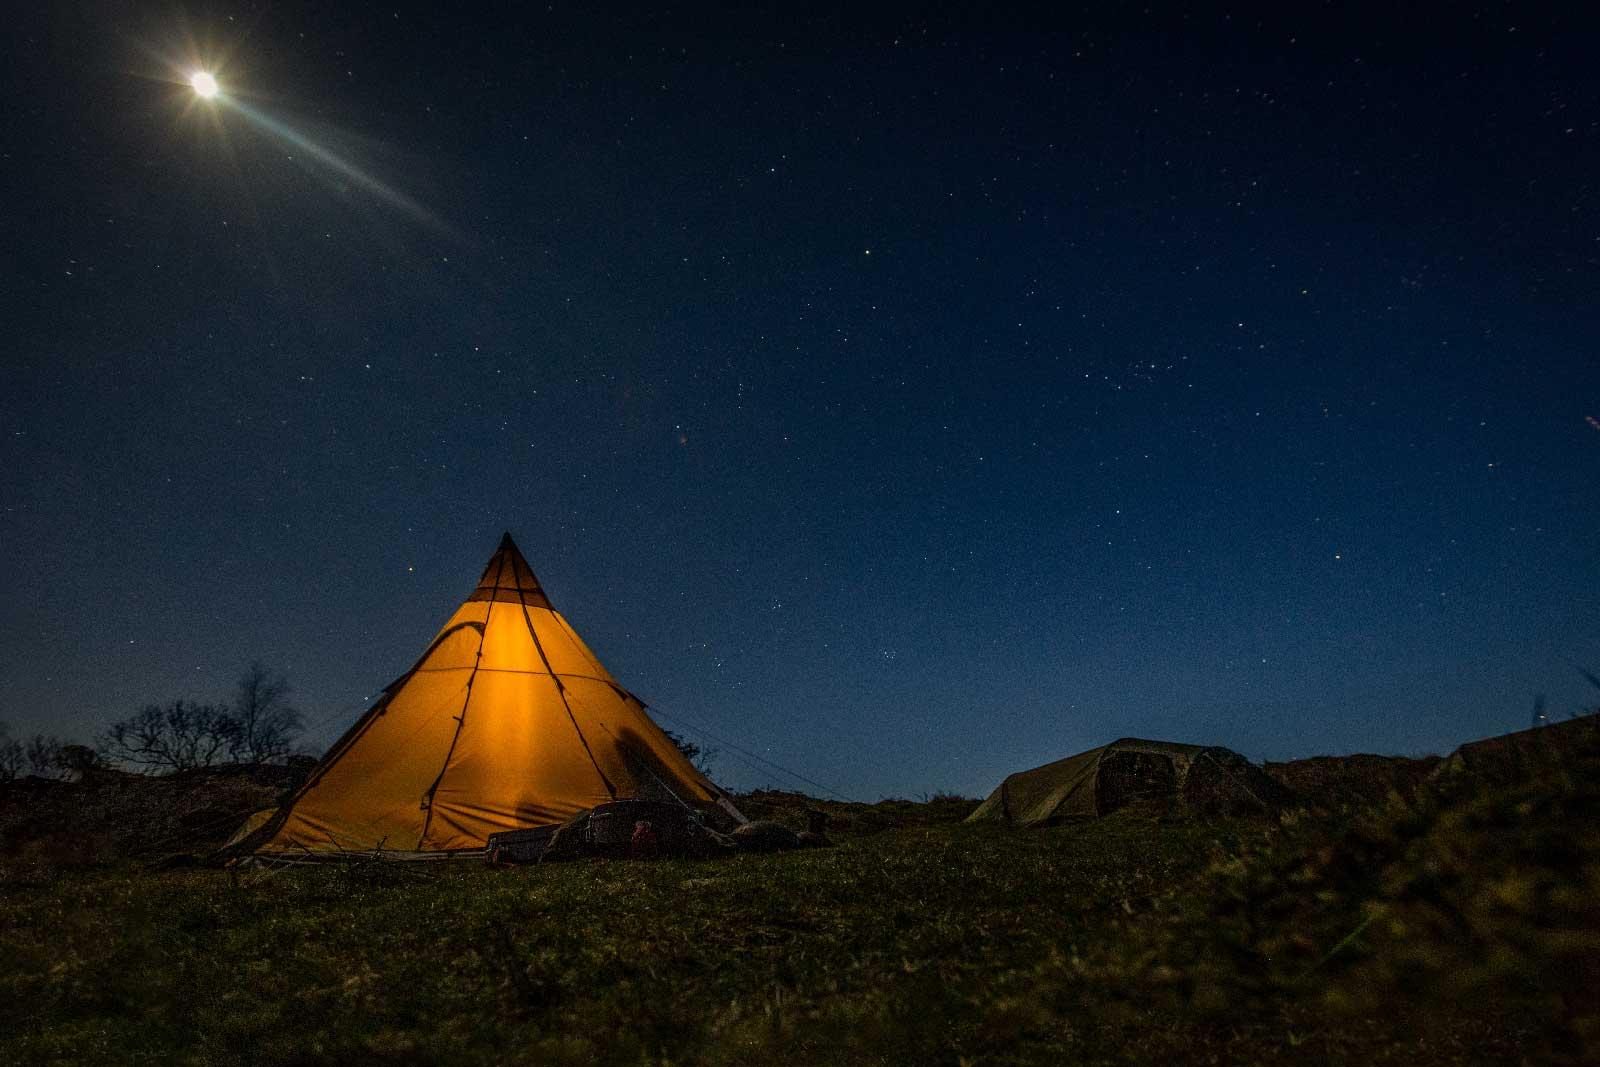 Wild camp under the stars